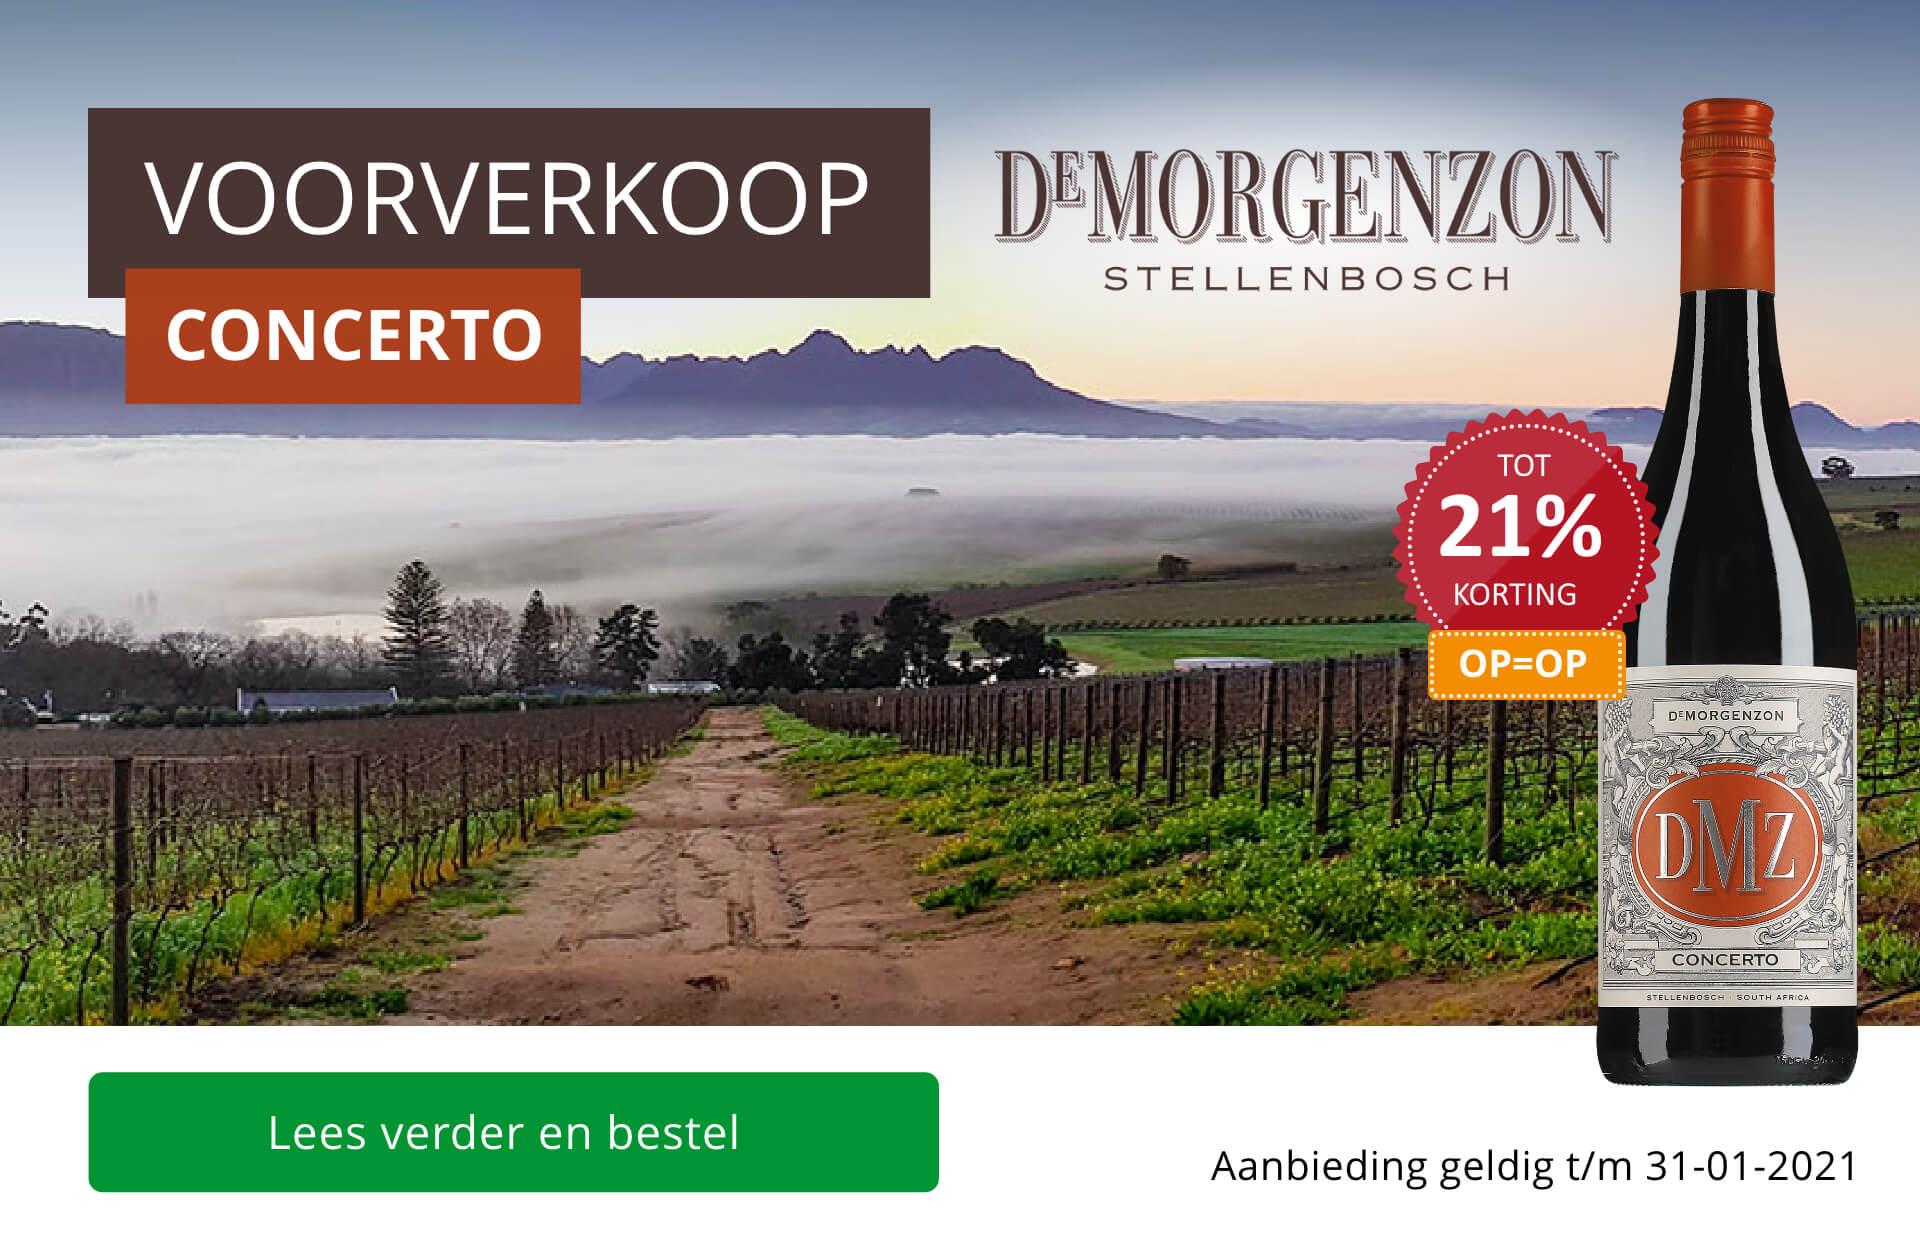 Voorverkoop unieke Limited Release DeMorgenzon